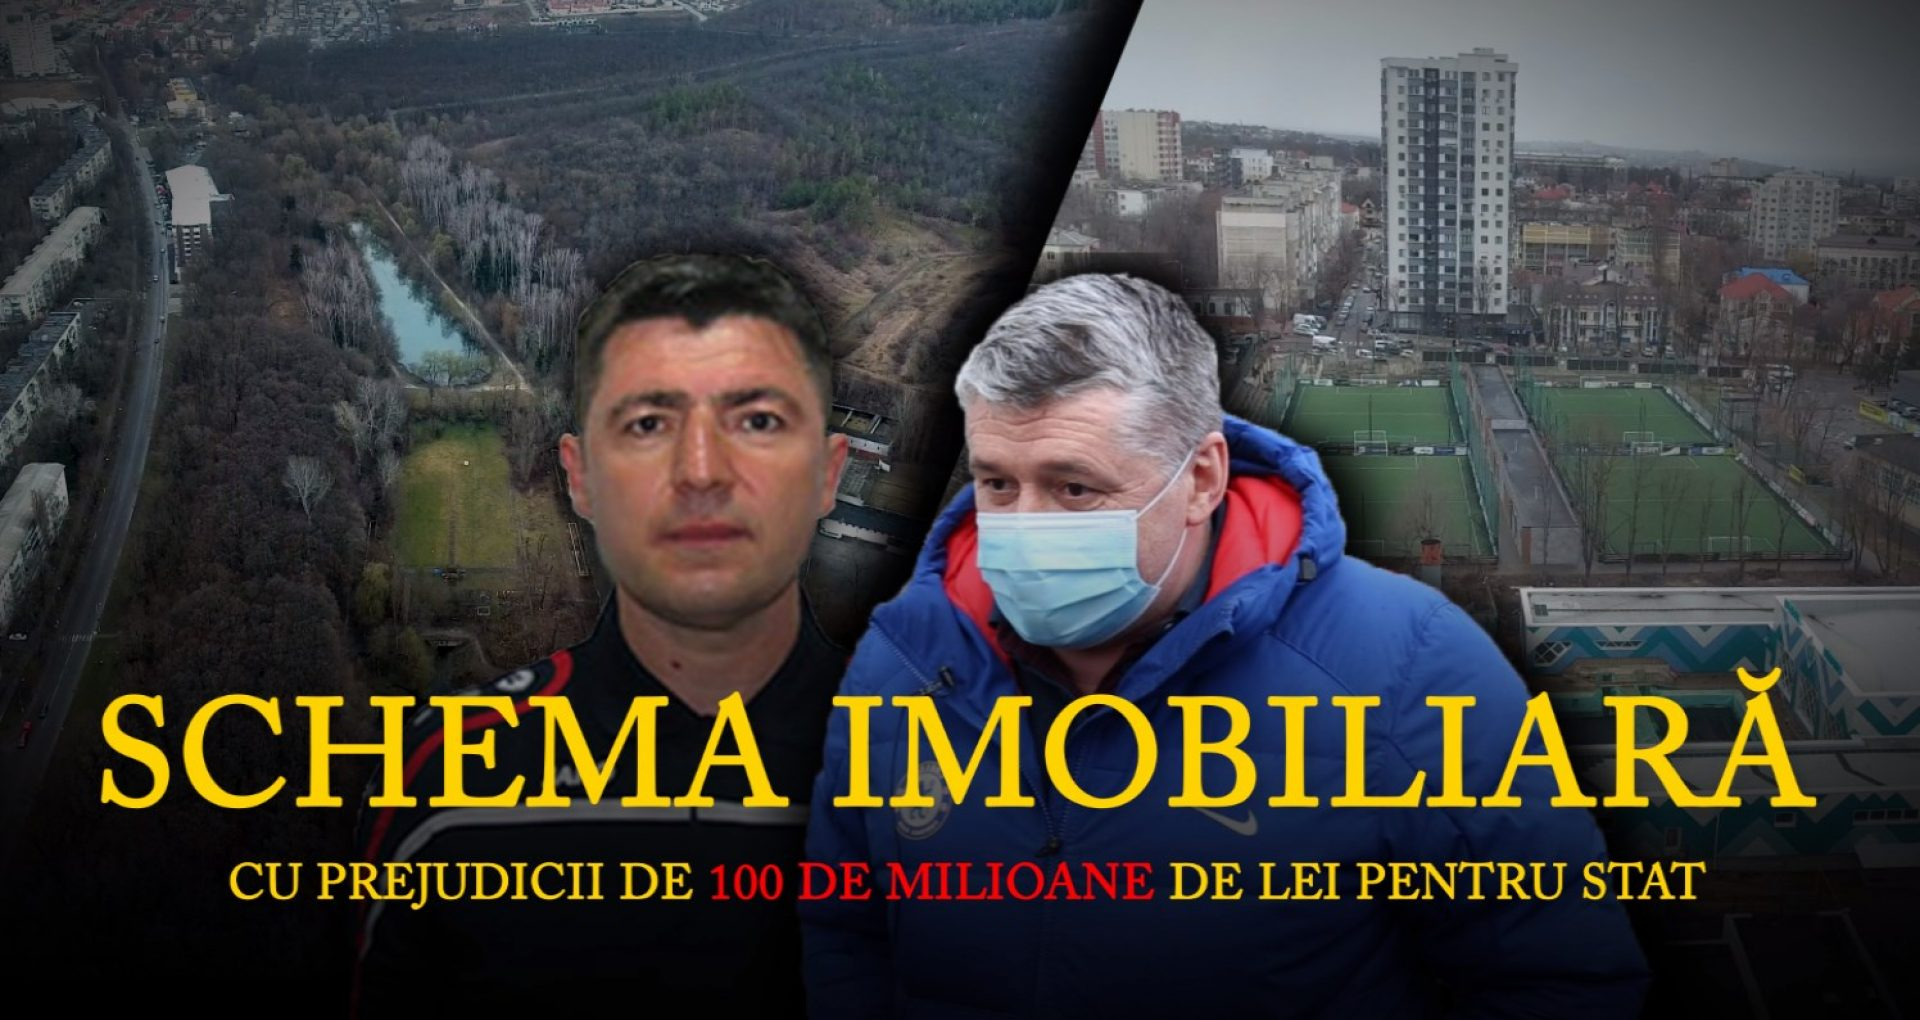 """Schema imobiliară care poate lăsa statul fără 100 de milioane de lei. În rolurile principale: miniștri, fostul șef al Clubului sportiv """"Dinamo"""" și un om de afaceri"""